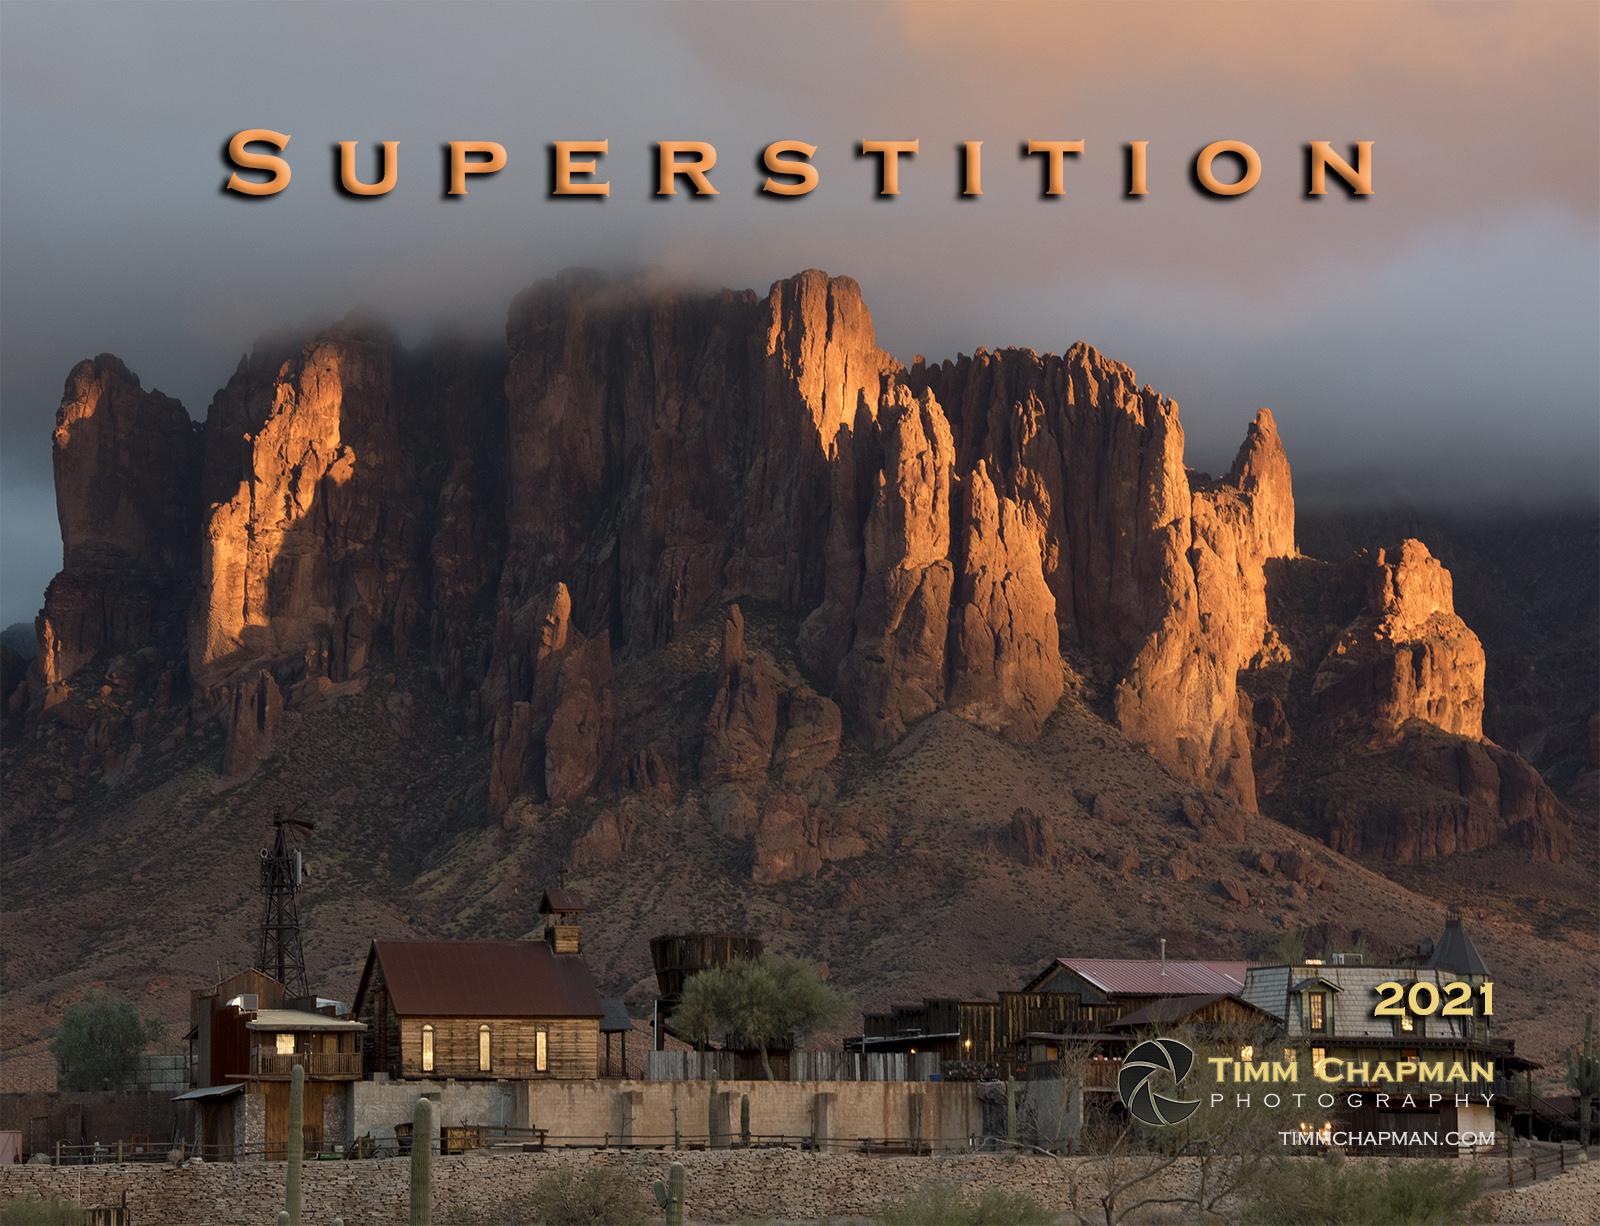 superstition calendar, superstition mountain, superstition wilderness, lost dutchman, goldfield, camelback mountain, arizona calendar, 2021 calendar, photo